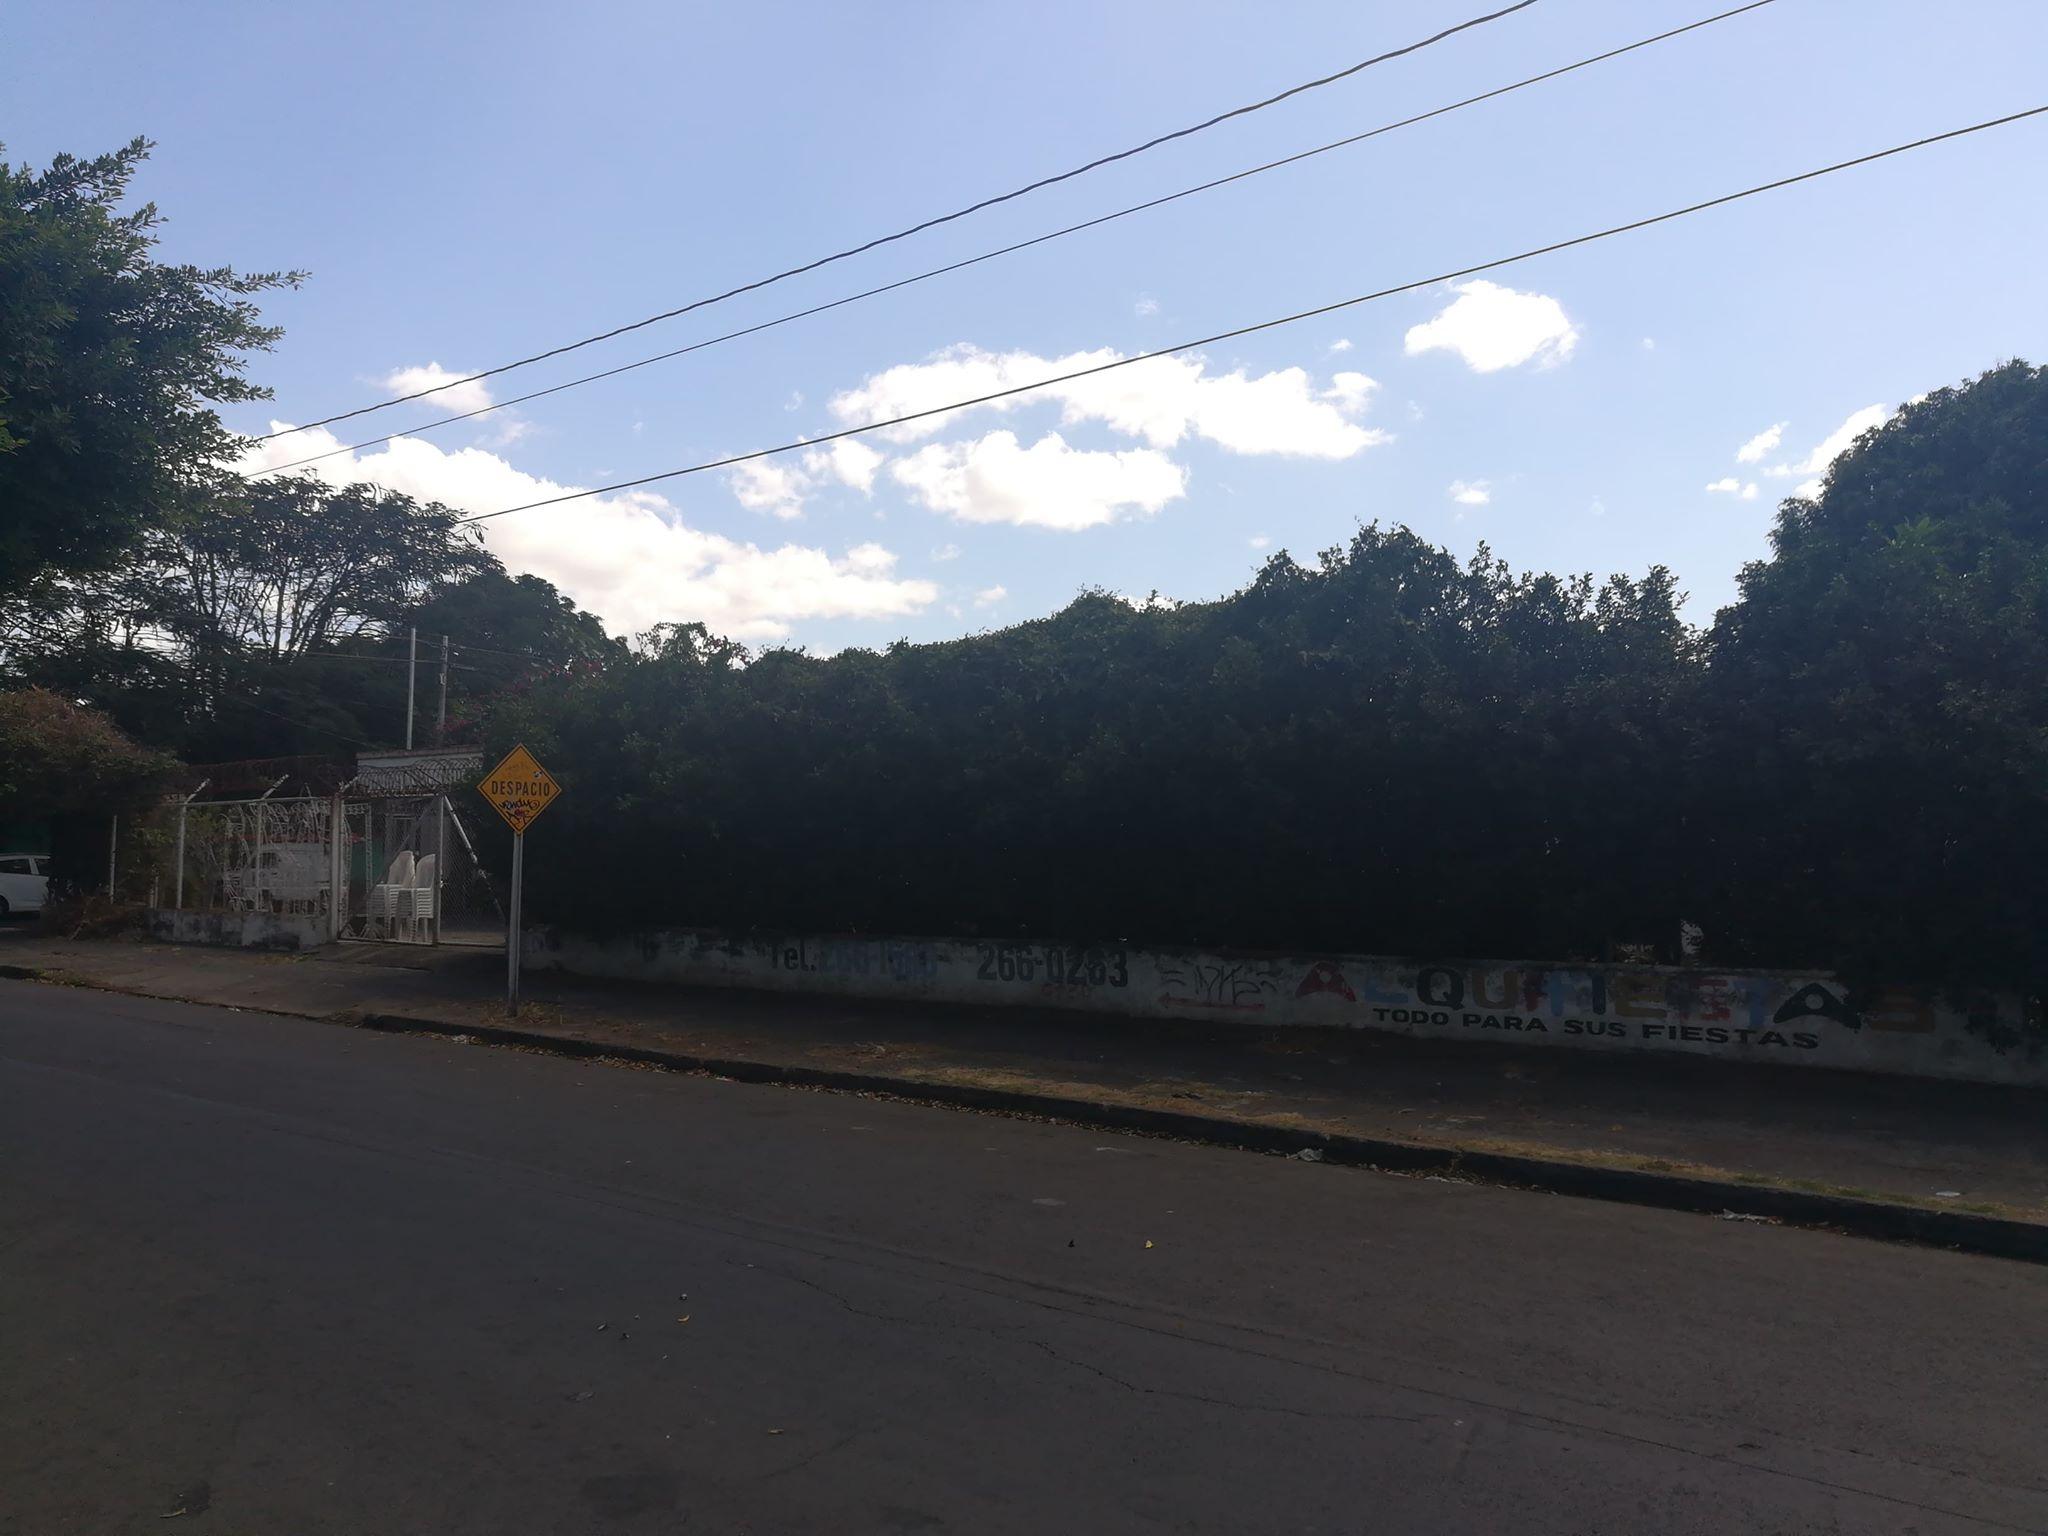 monseñor-lezcano-kmc-bienes-raices-13736543 (9)